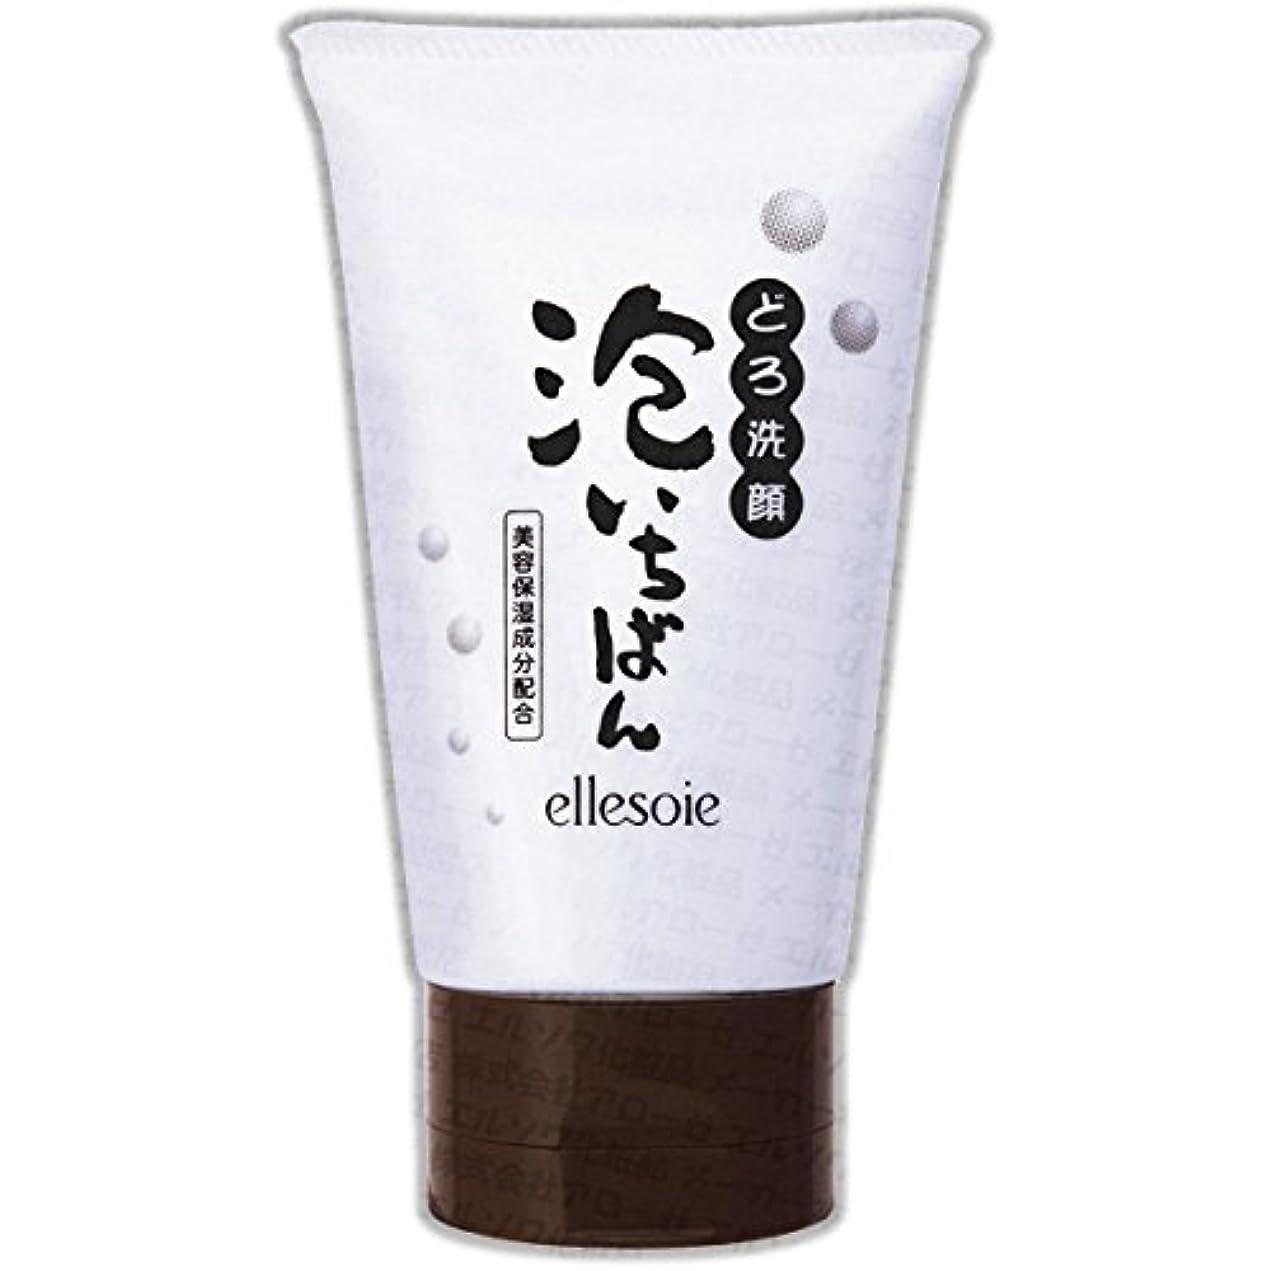 深い未満二十エルソワ化粧品(ellesoie) どろ洗顔 泡いちばん チューブ容器120g